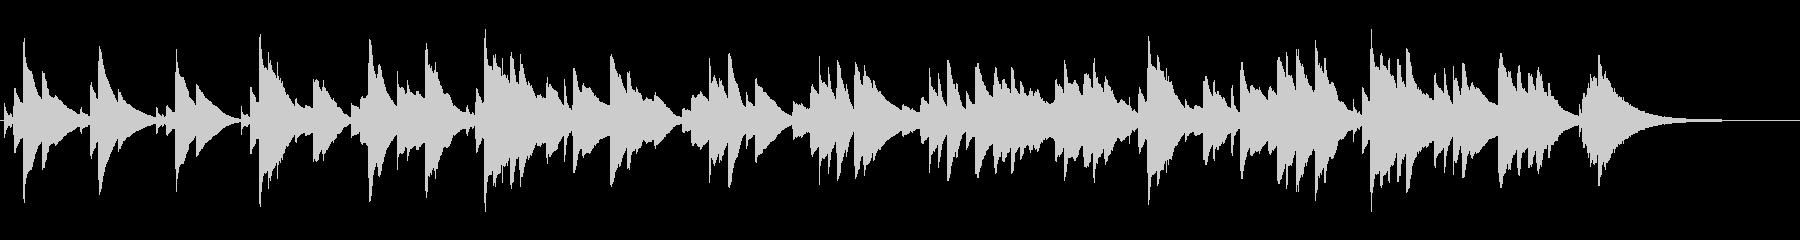 眠くなるオルゴールのBGM(1分30秒)の未再生の波形